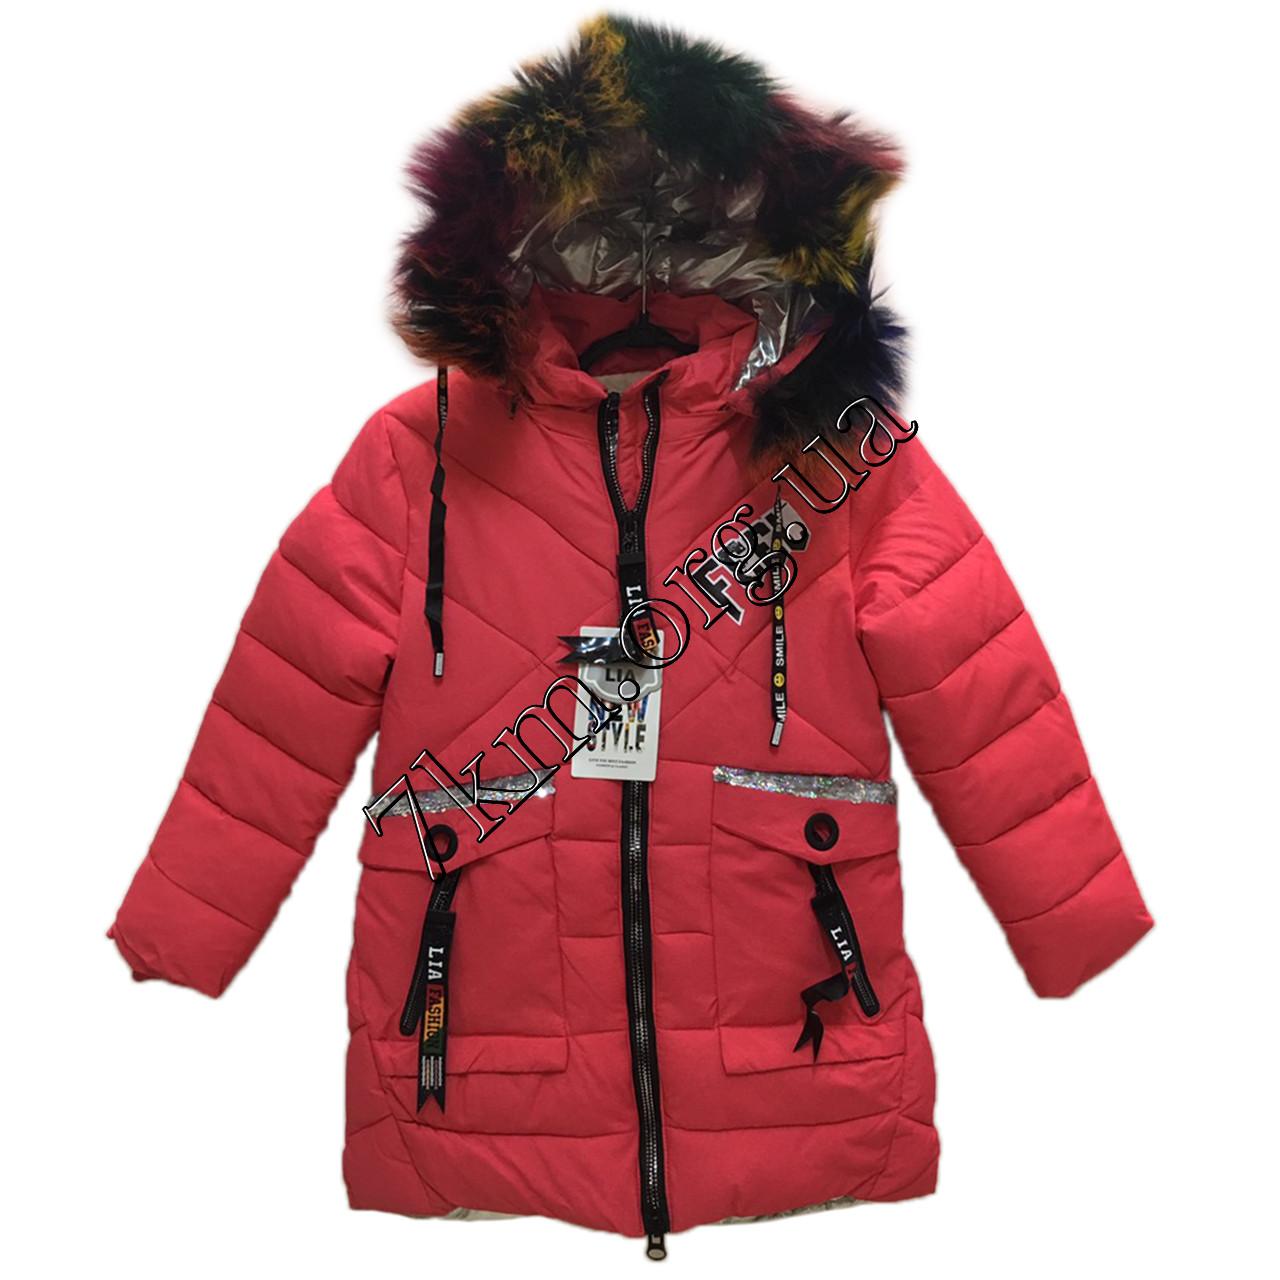 Куртка подростковая для девочек 134-158 см. Украина Оптом 261105-1